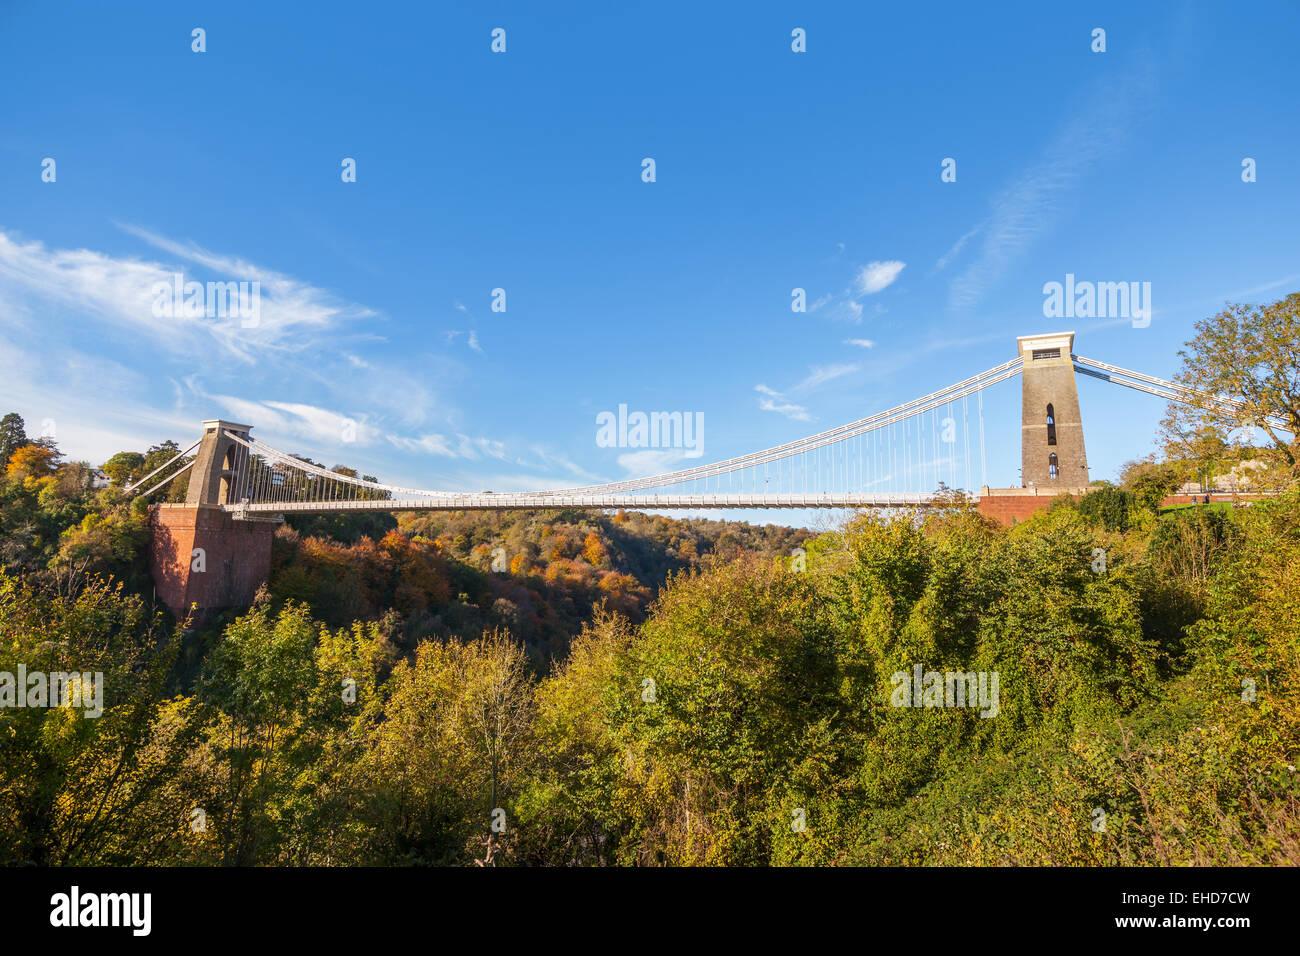 Ampia vista del Ponte sospeso di Clifton a Bristol, Inghilterra, Regno Unito Foto Stock